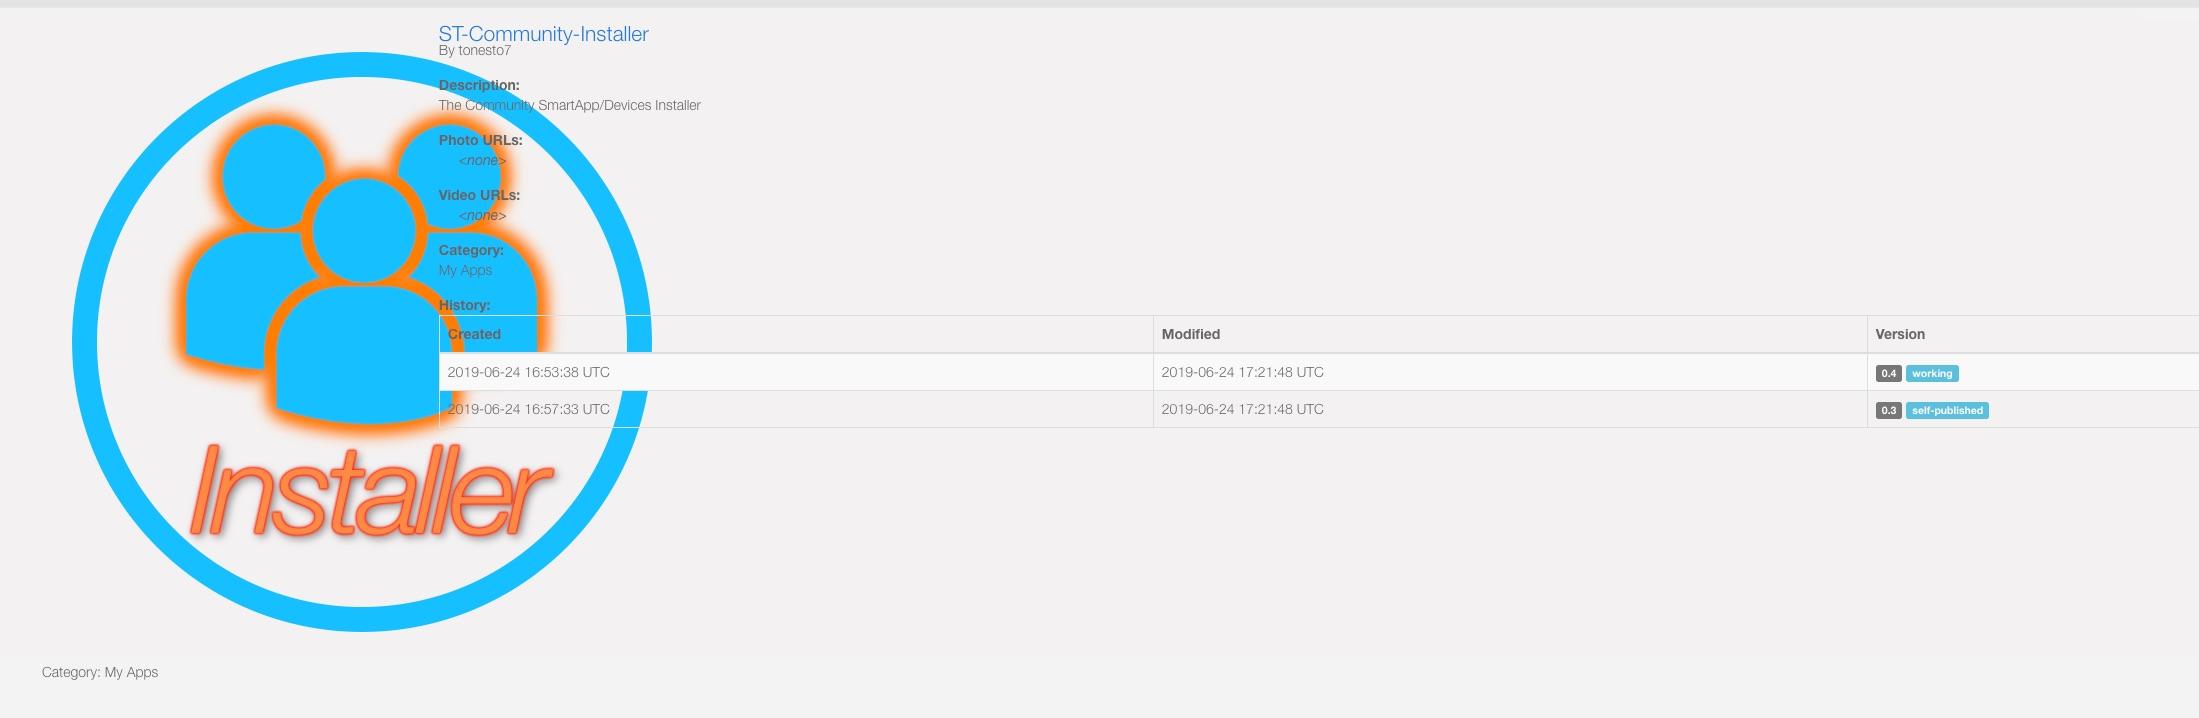 ST-Community-Installer.jpg